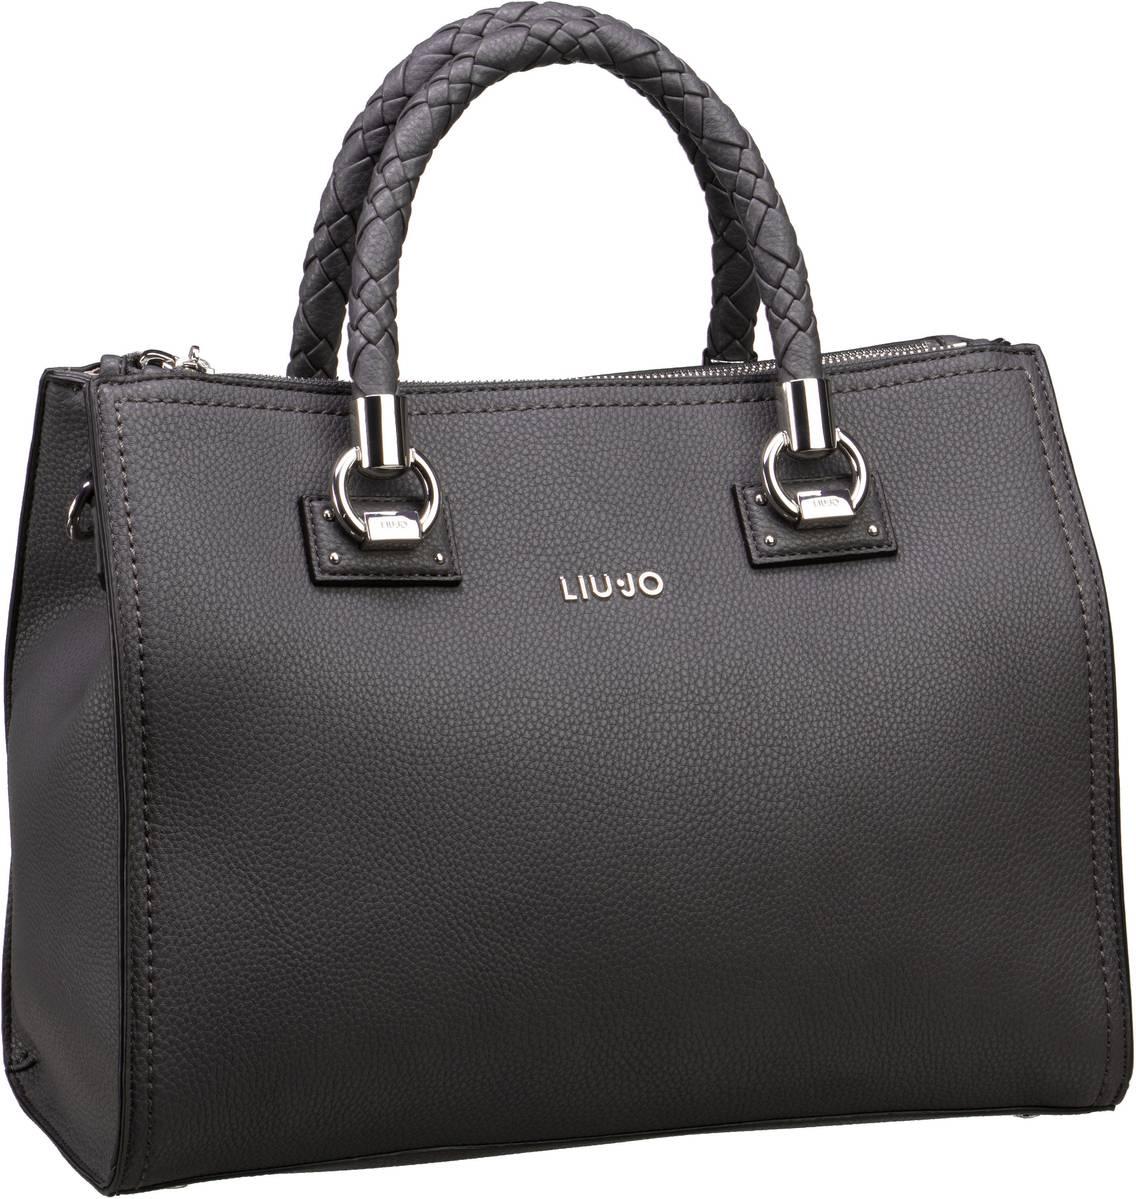 Handtaschen für Frauen - Liu Jo Handtasche Manhattan Satchel Zip M Grape Juice  - Onlineshop Taschenkaufhaus